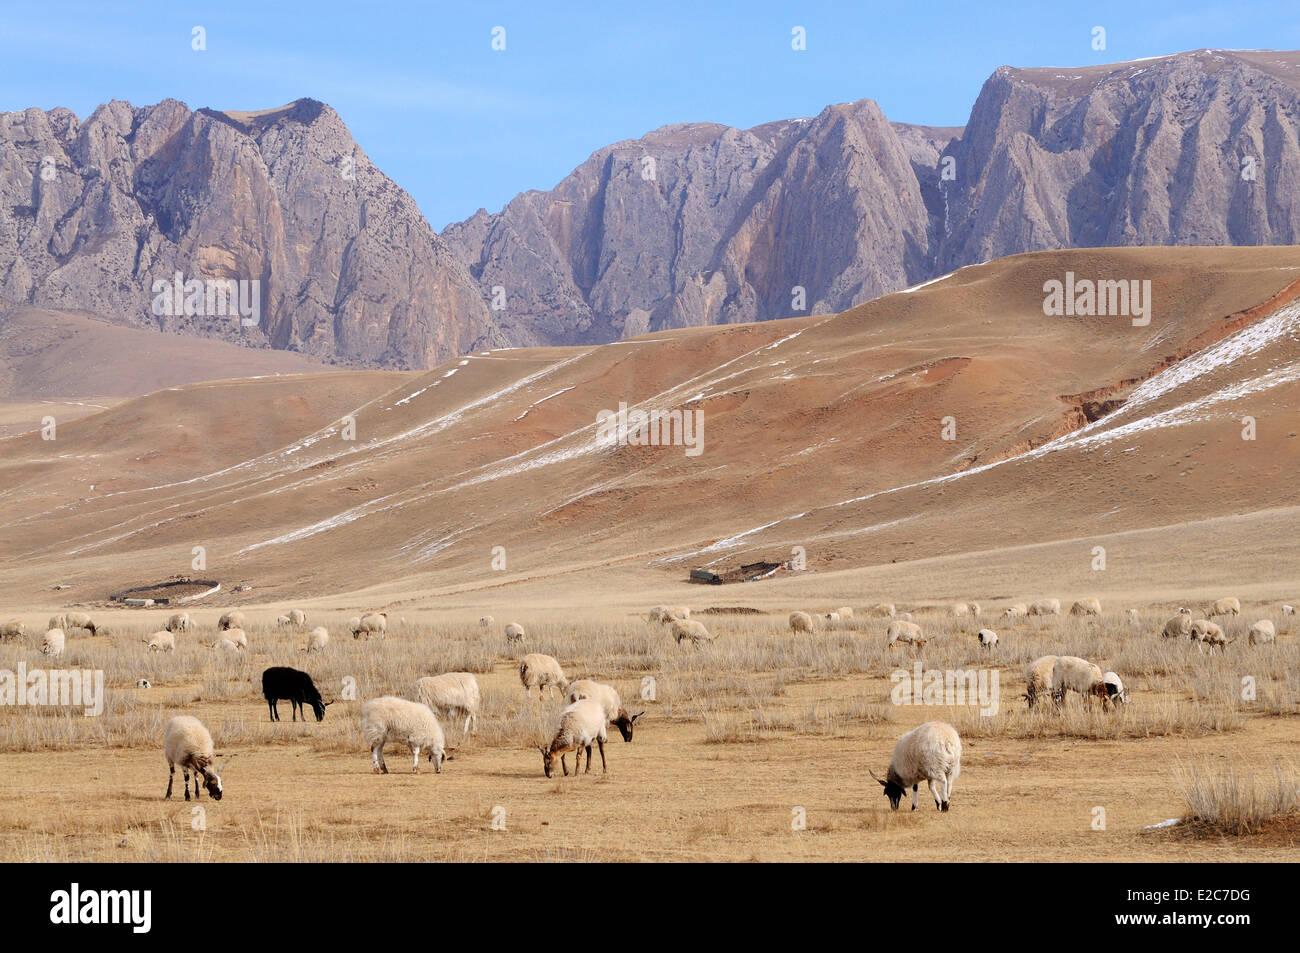 China, Gansu Province, Amdo, Xiahe county, Ganjia meadows - Stock Image